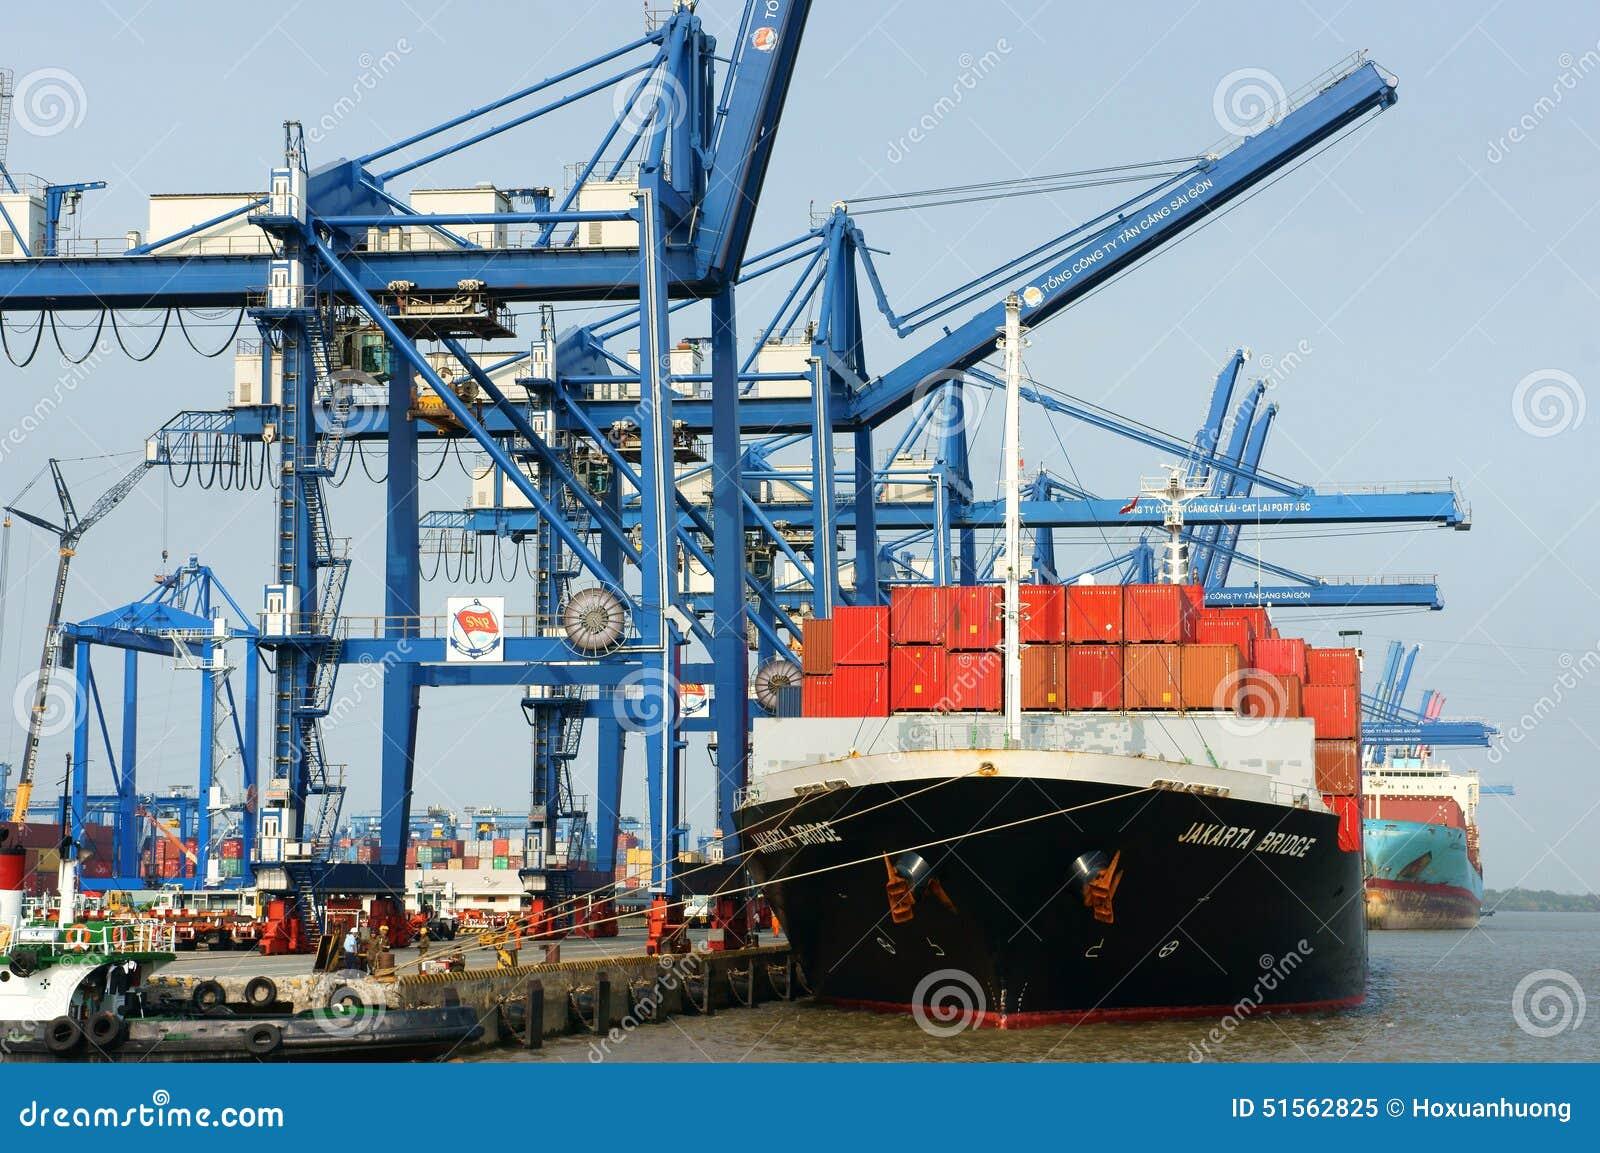 Trans. export, import, Ho Chi Minh port